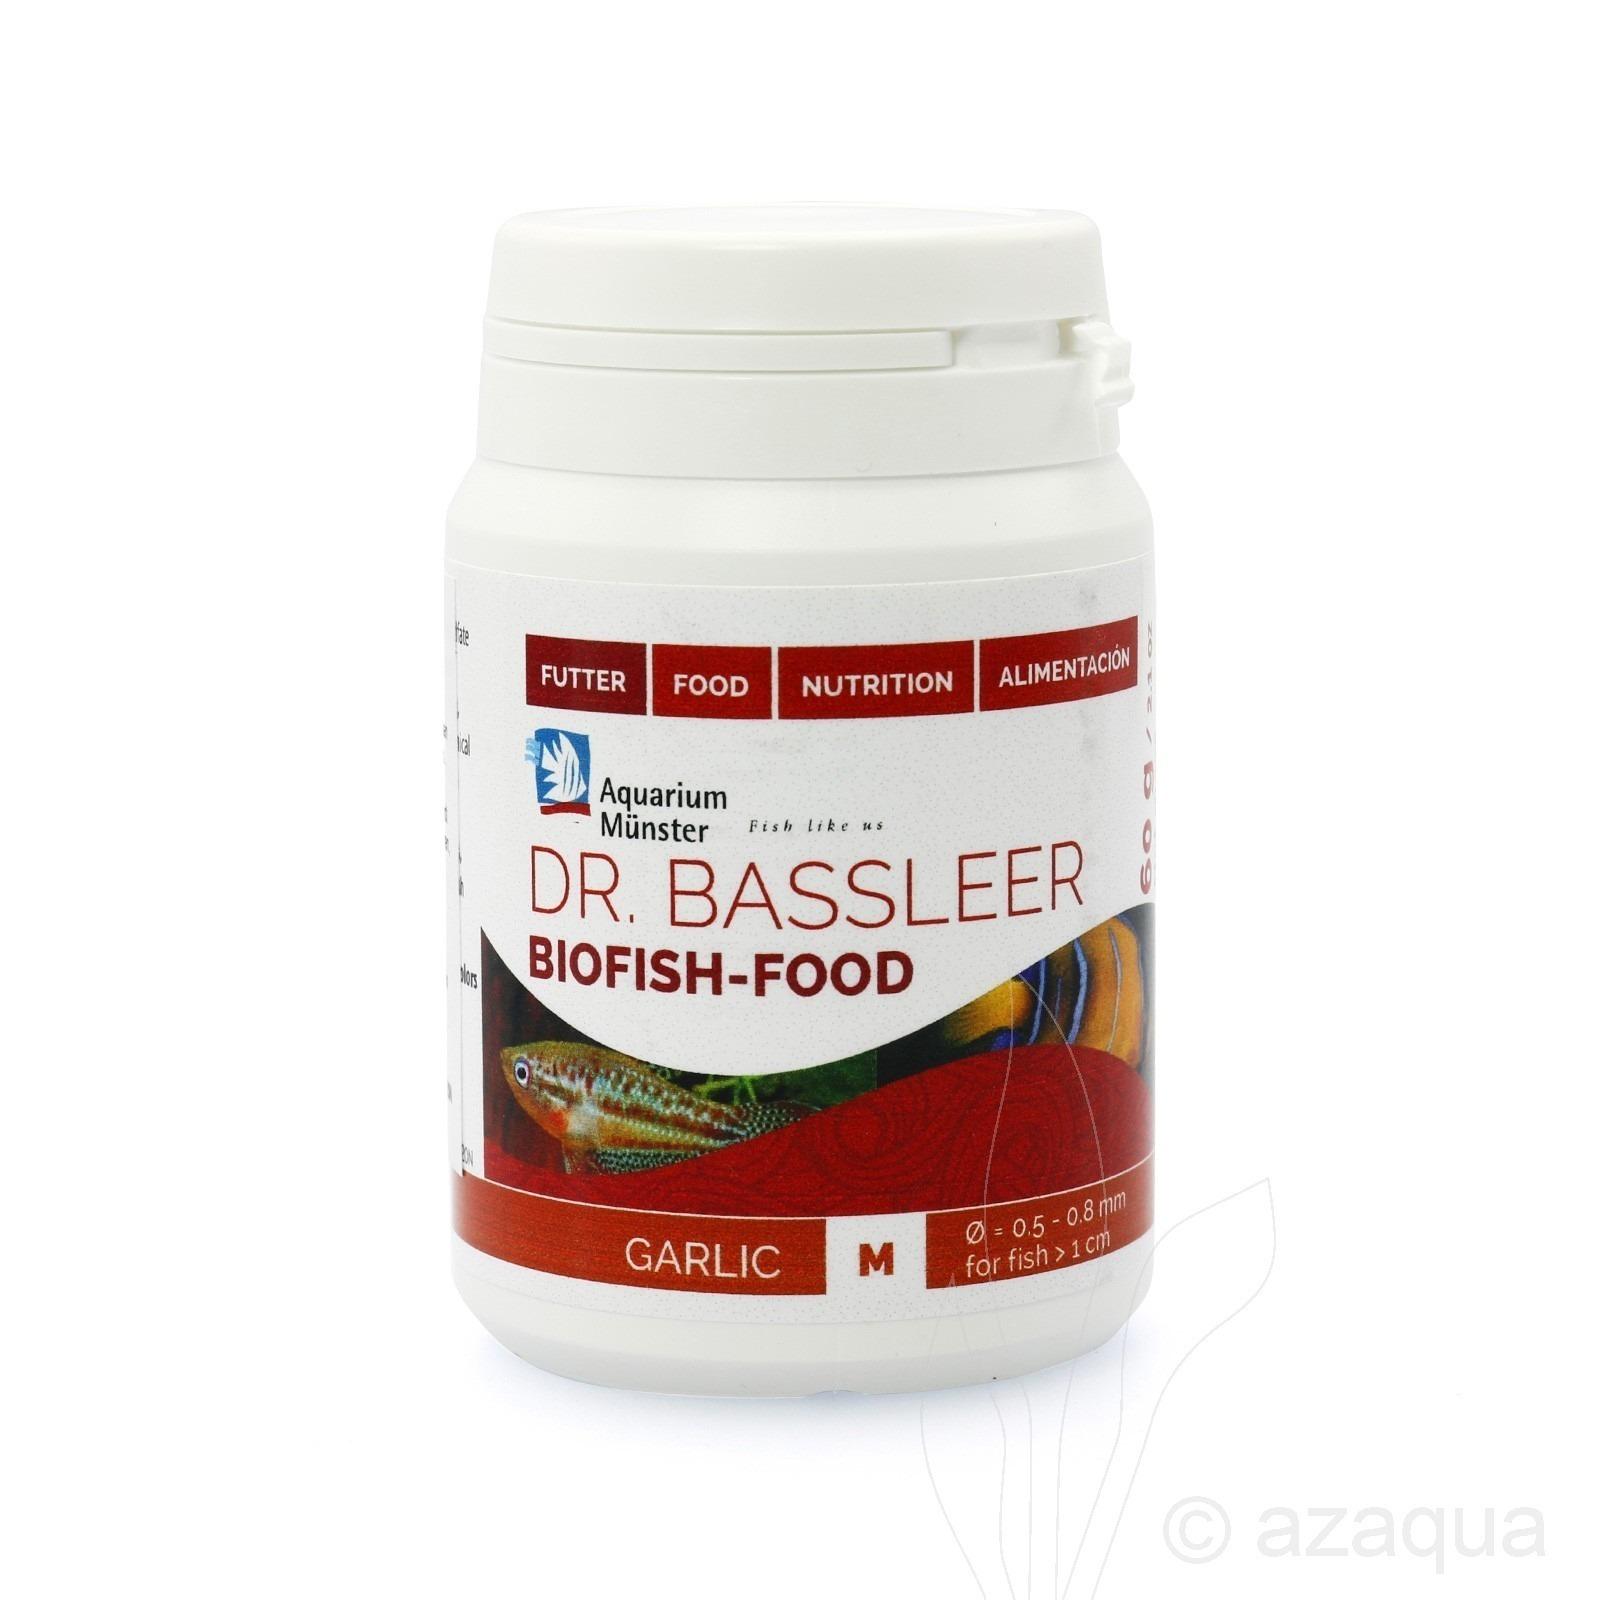 Dr.Bassleer Biofish Food garlic M - 60 grams